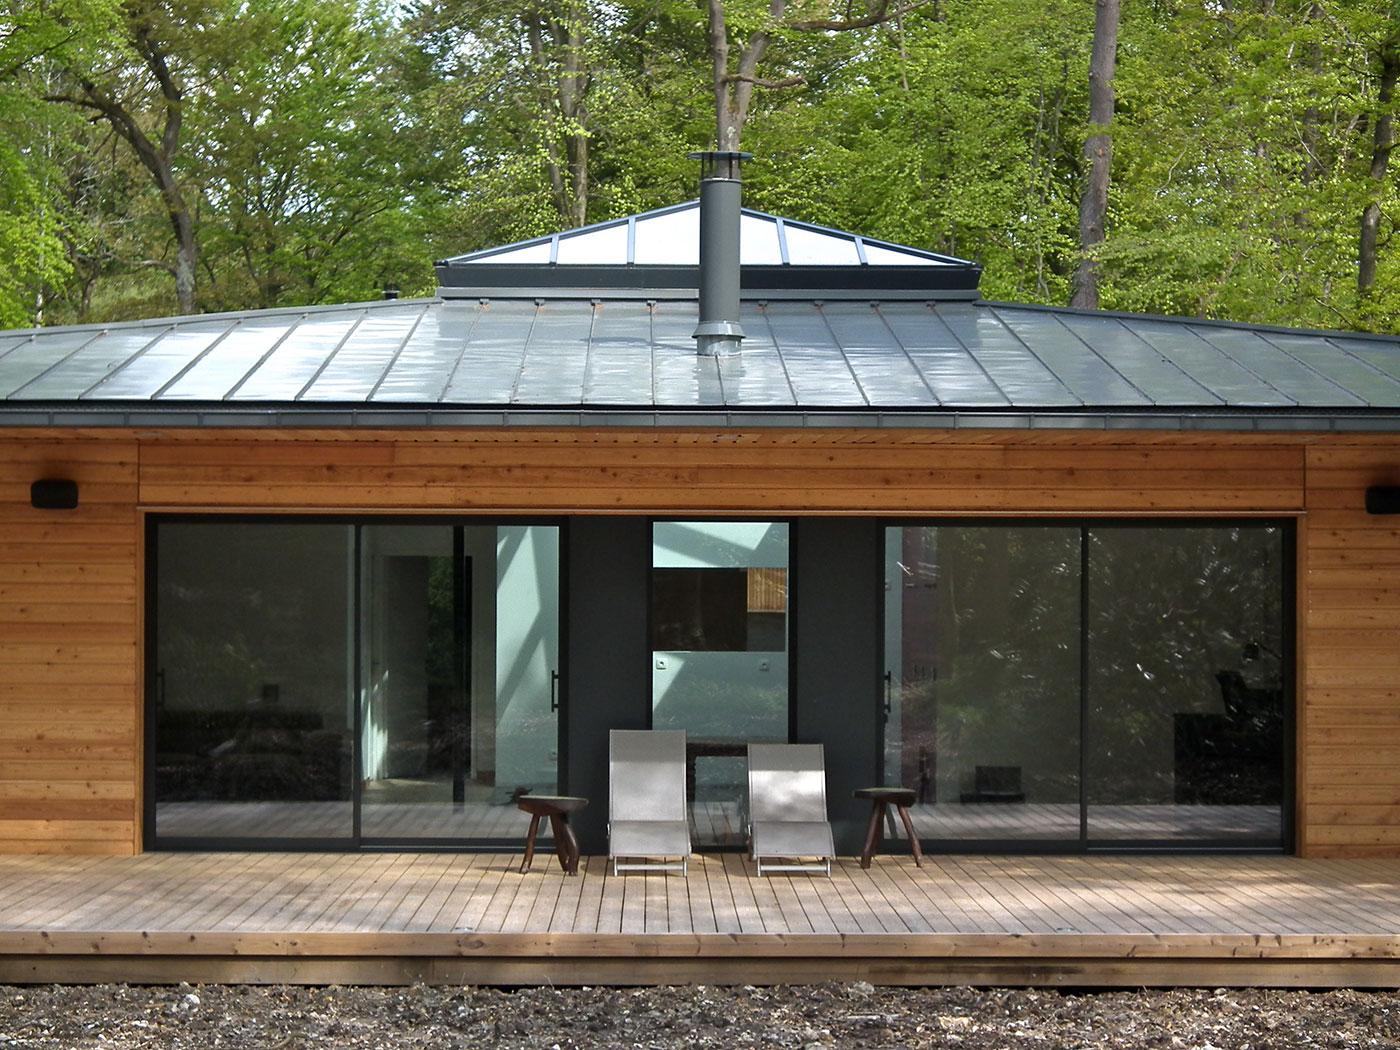 E2r maisons bois constructeur de maison ossature bois for Constructeur maison contemporaine seine maritime